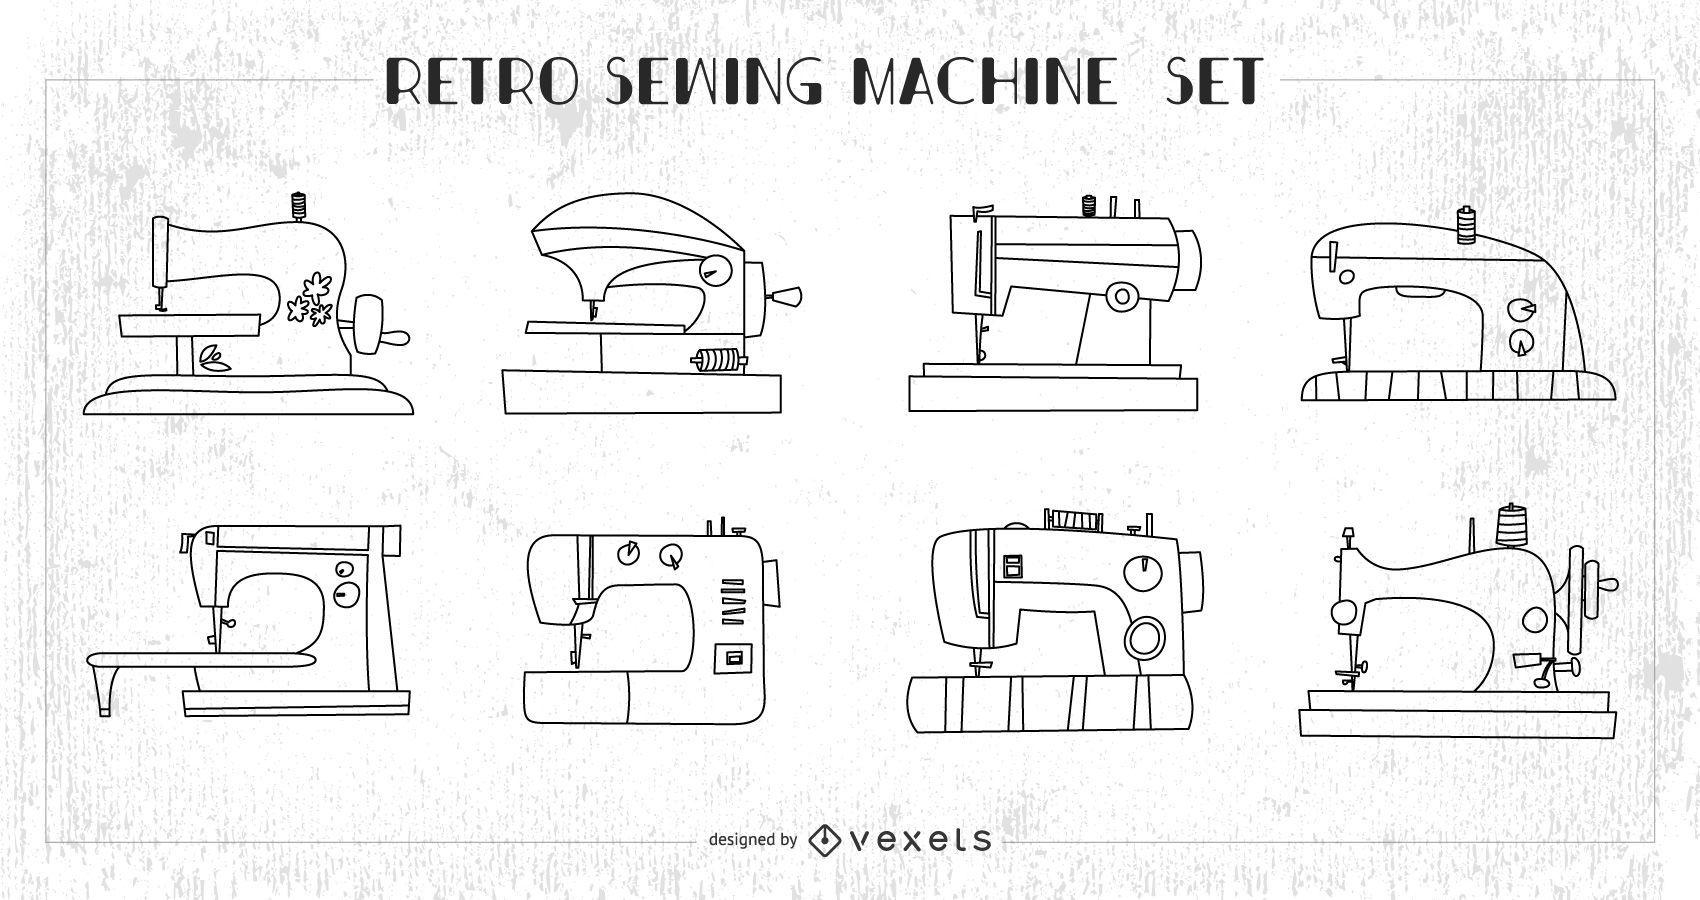 Conjunto de máquinas de costura retrô